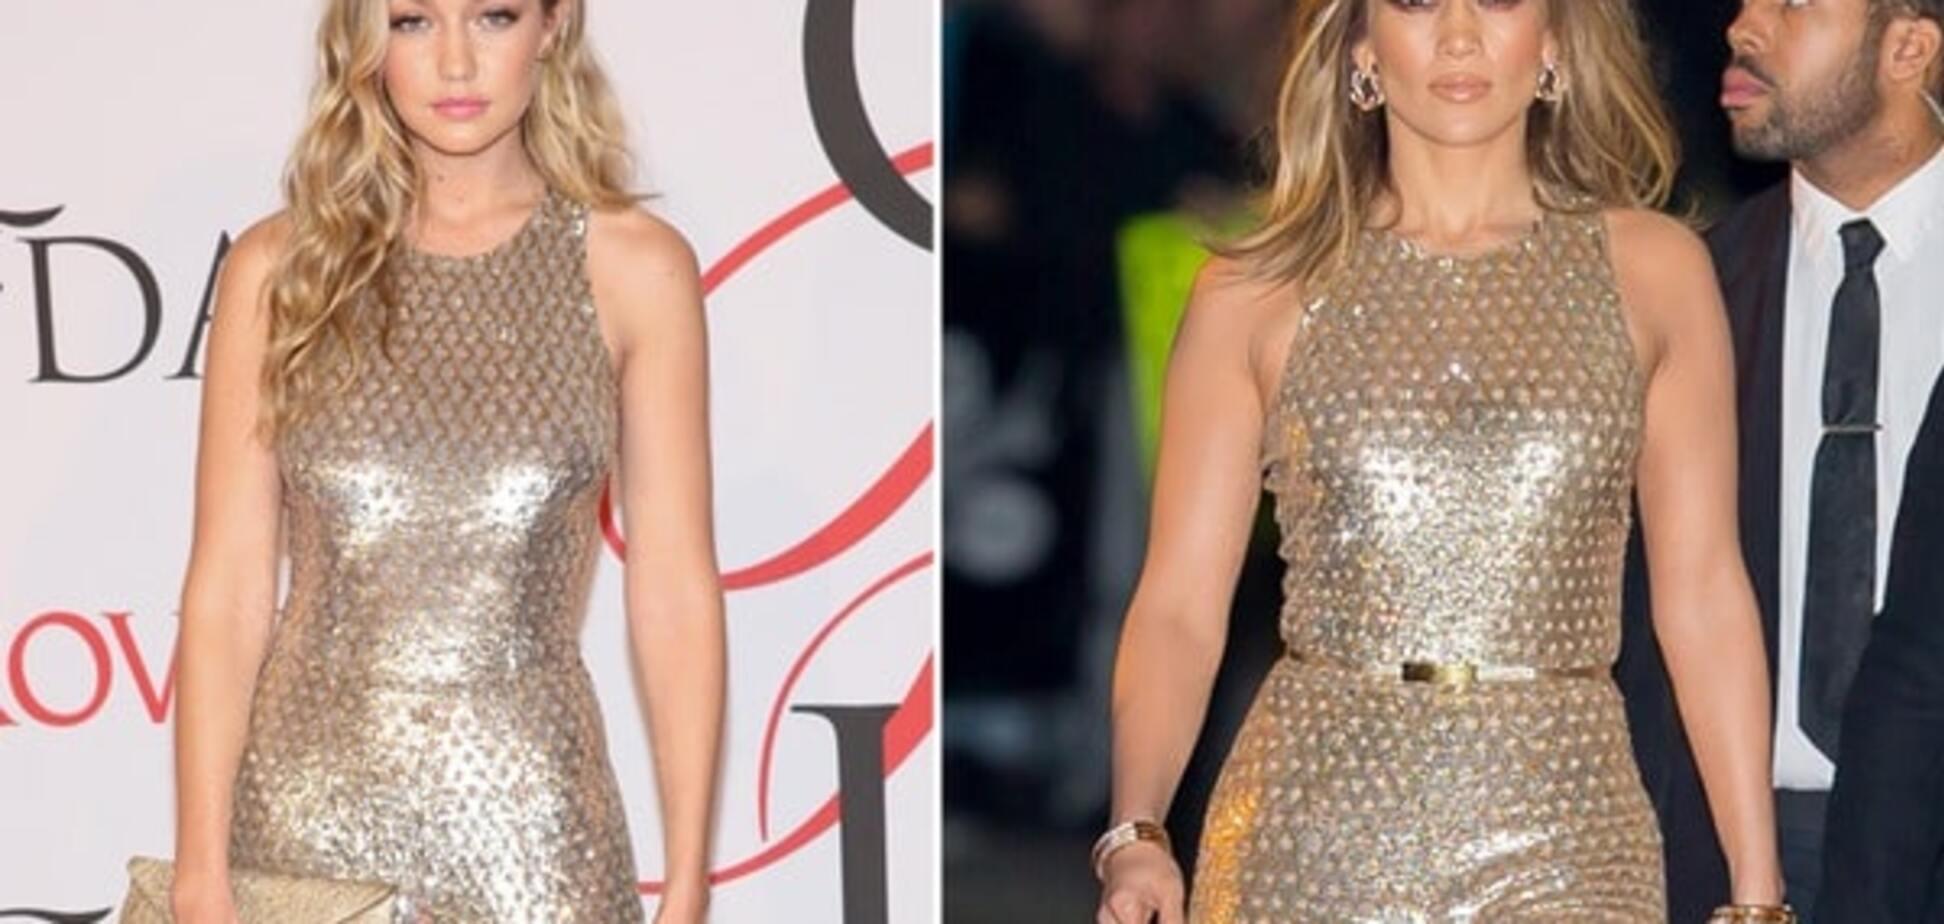 Модная битва: Джиджи Хадид против Дженнифер Лопес